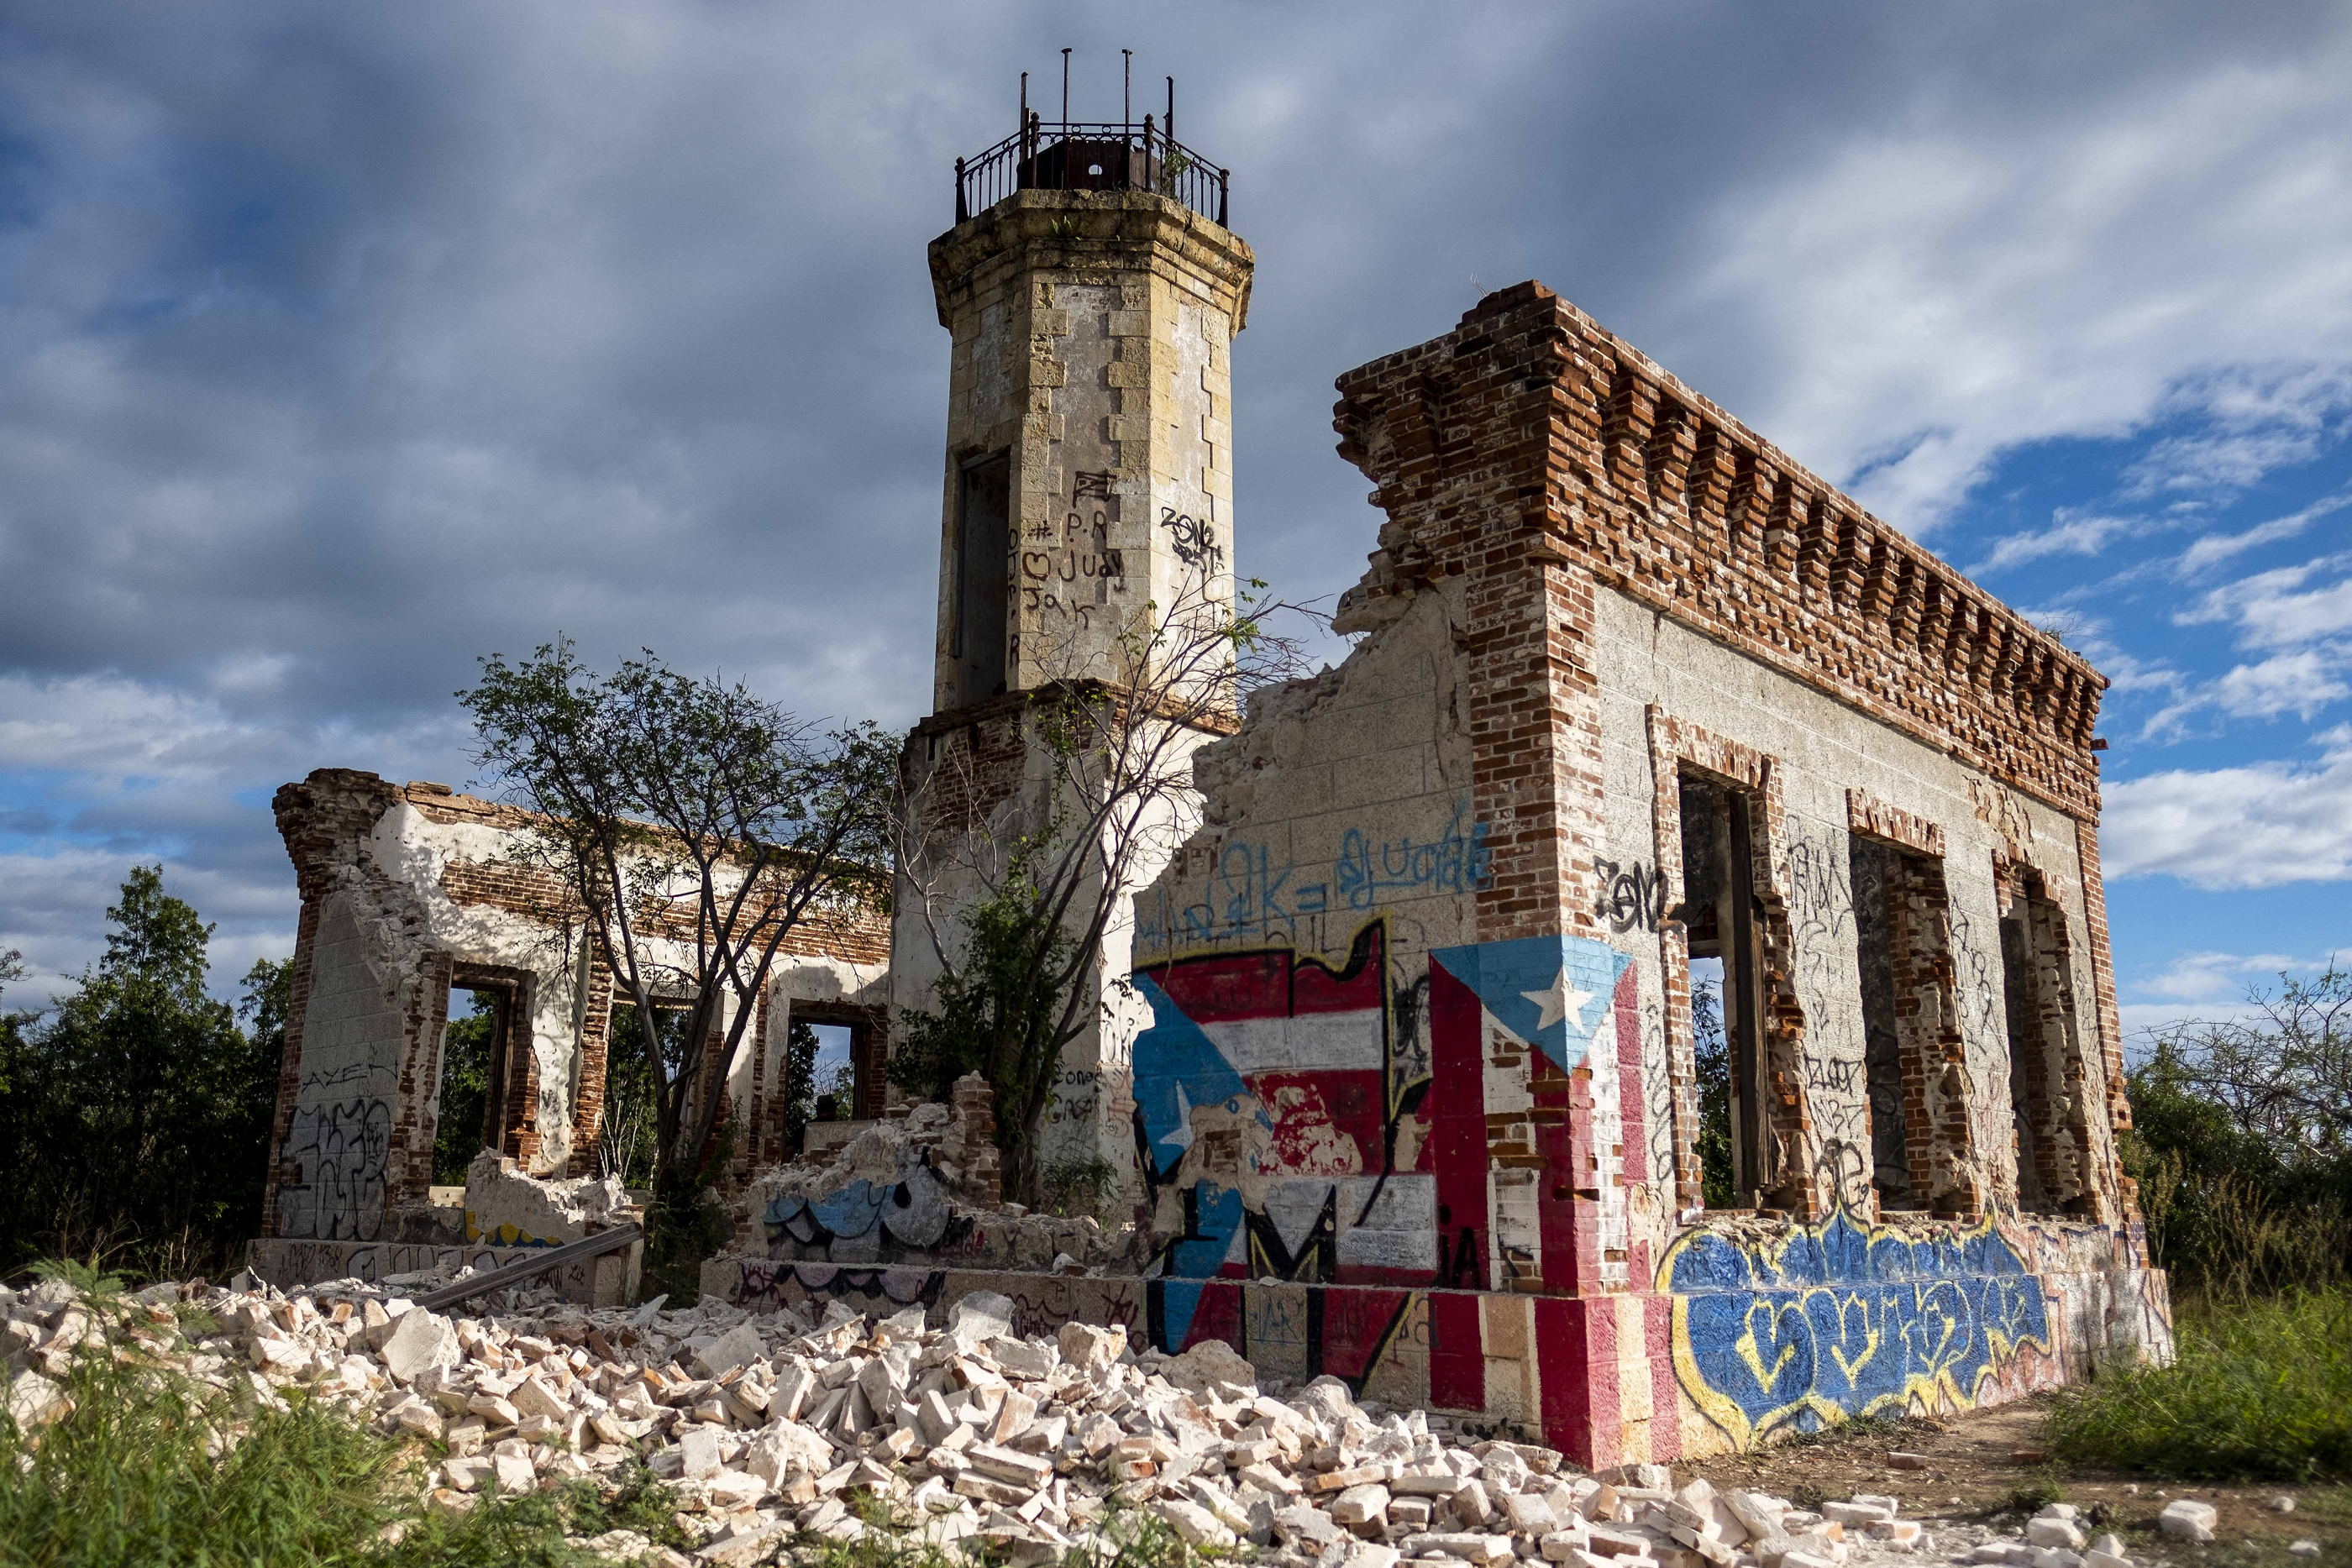 Le mur effondré des ruines d'un phare emblématique peut être vu à Guanica, Porto Rico, le 6 janvier 2020, après avoir été détruit par un tremblement de terre.